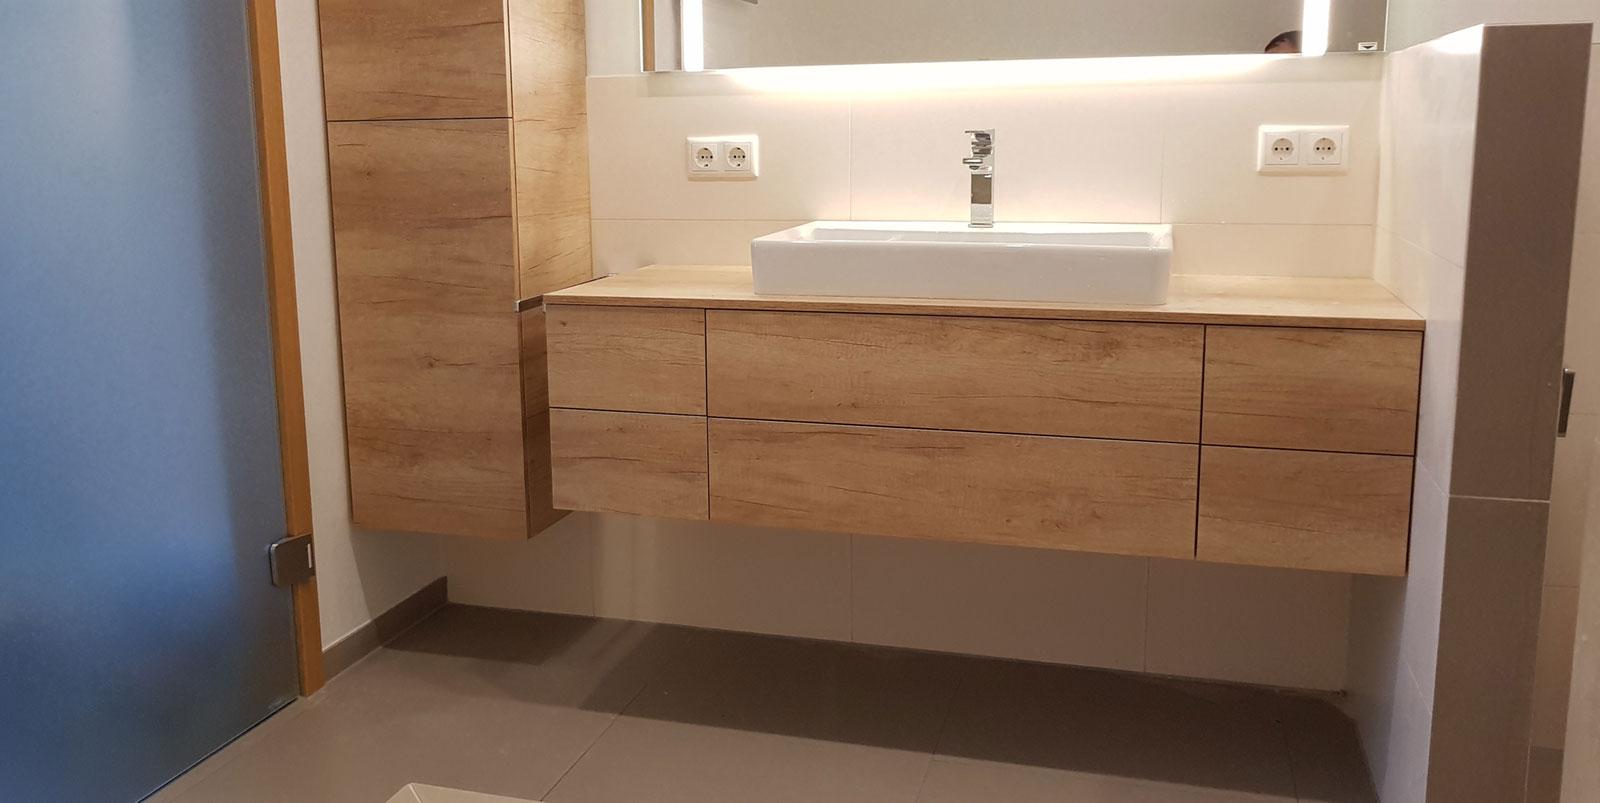 Moderne-Badezimmer von Fliesen Latifi | Gestaltung und Umsetzung